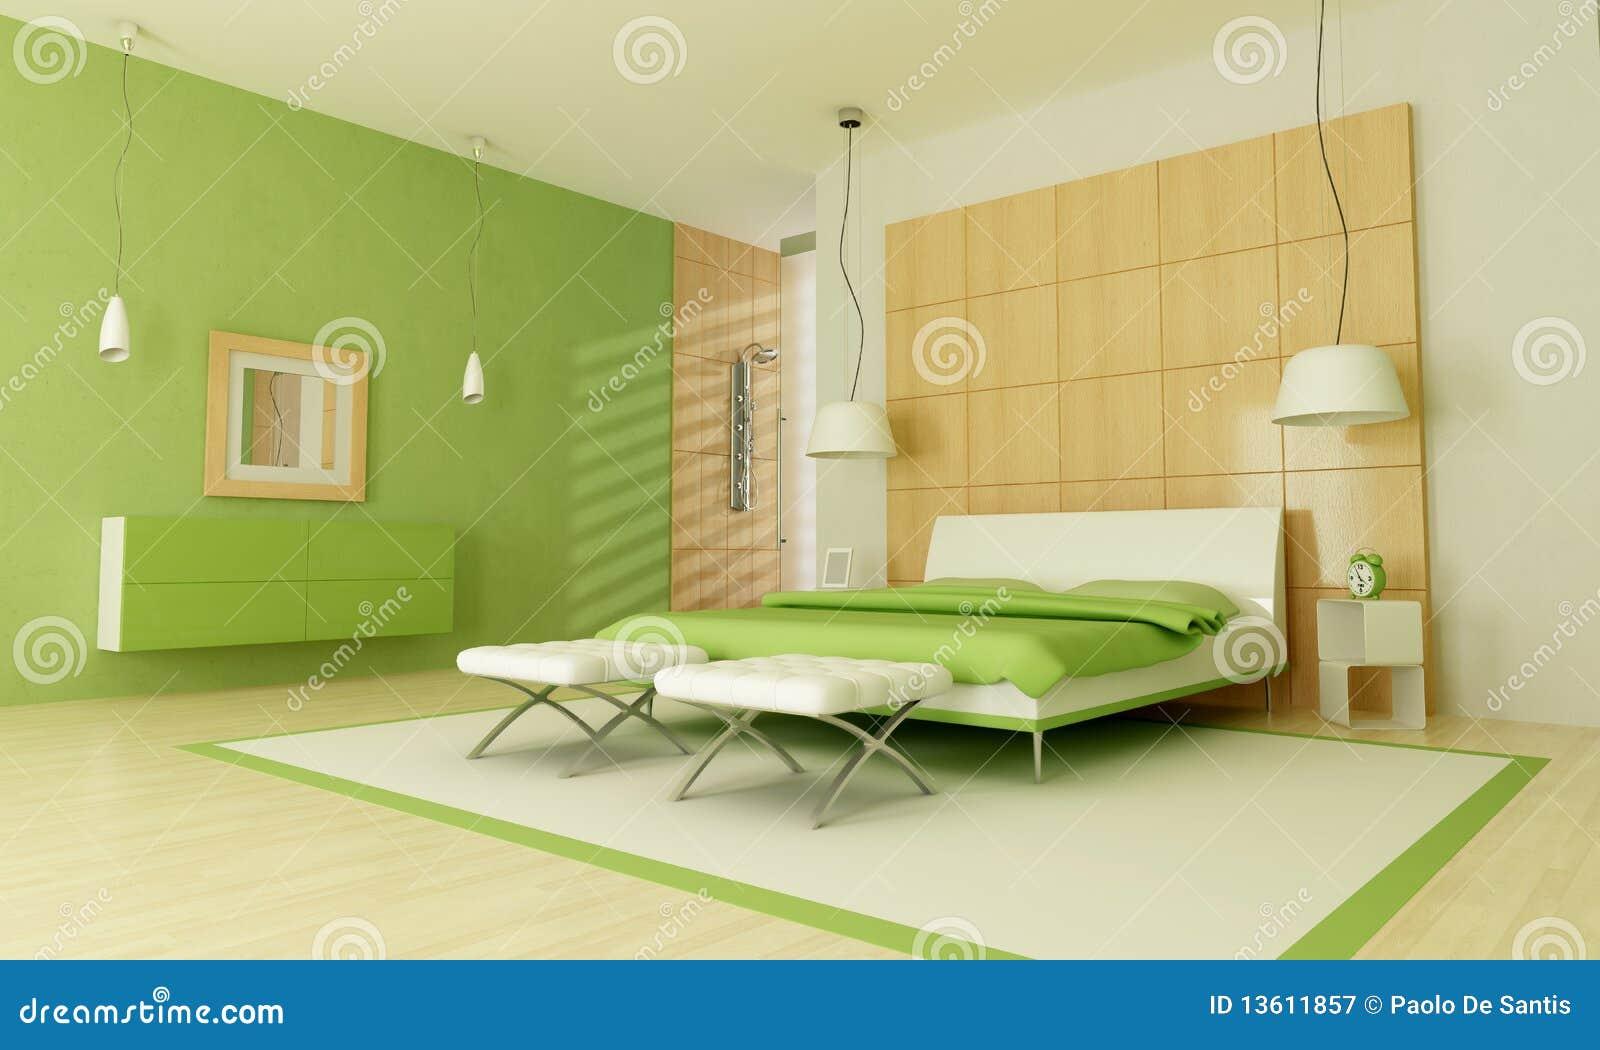 Grünes modernes schlafzimmer lizenzfreie stockfotografie   bild ...